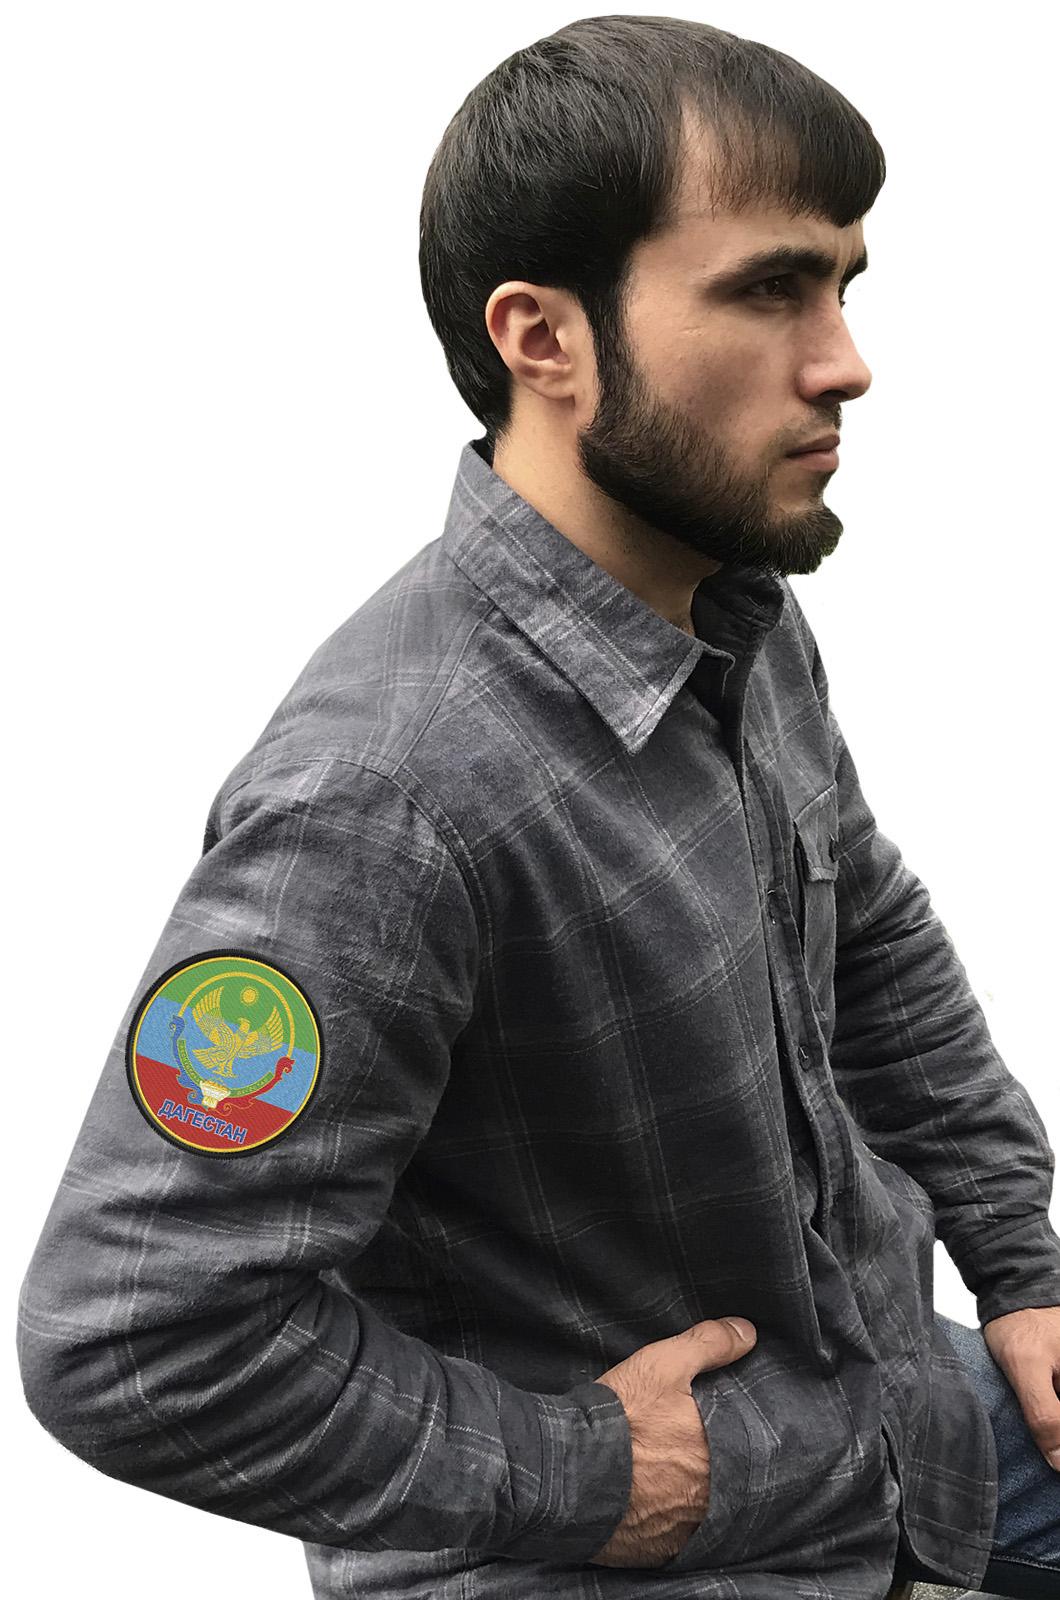 Лучшая мужская рубашка с вышитым флагом Дагестана - купить выгодно